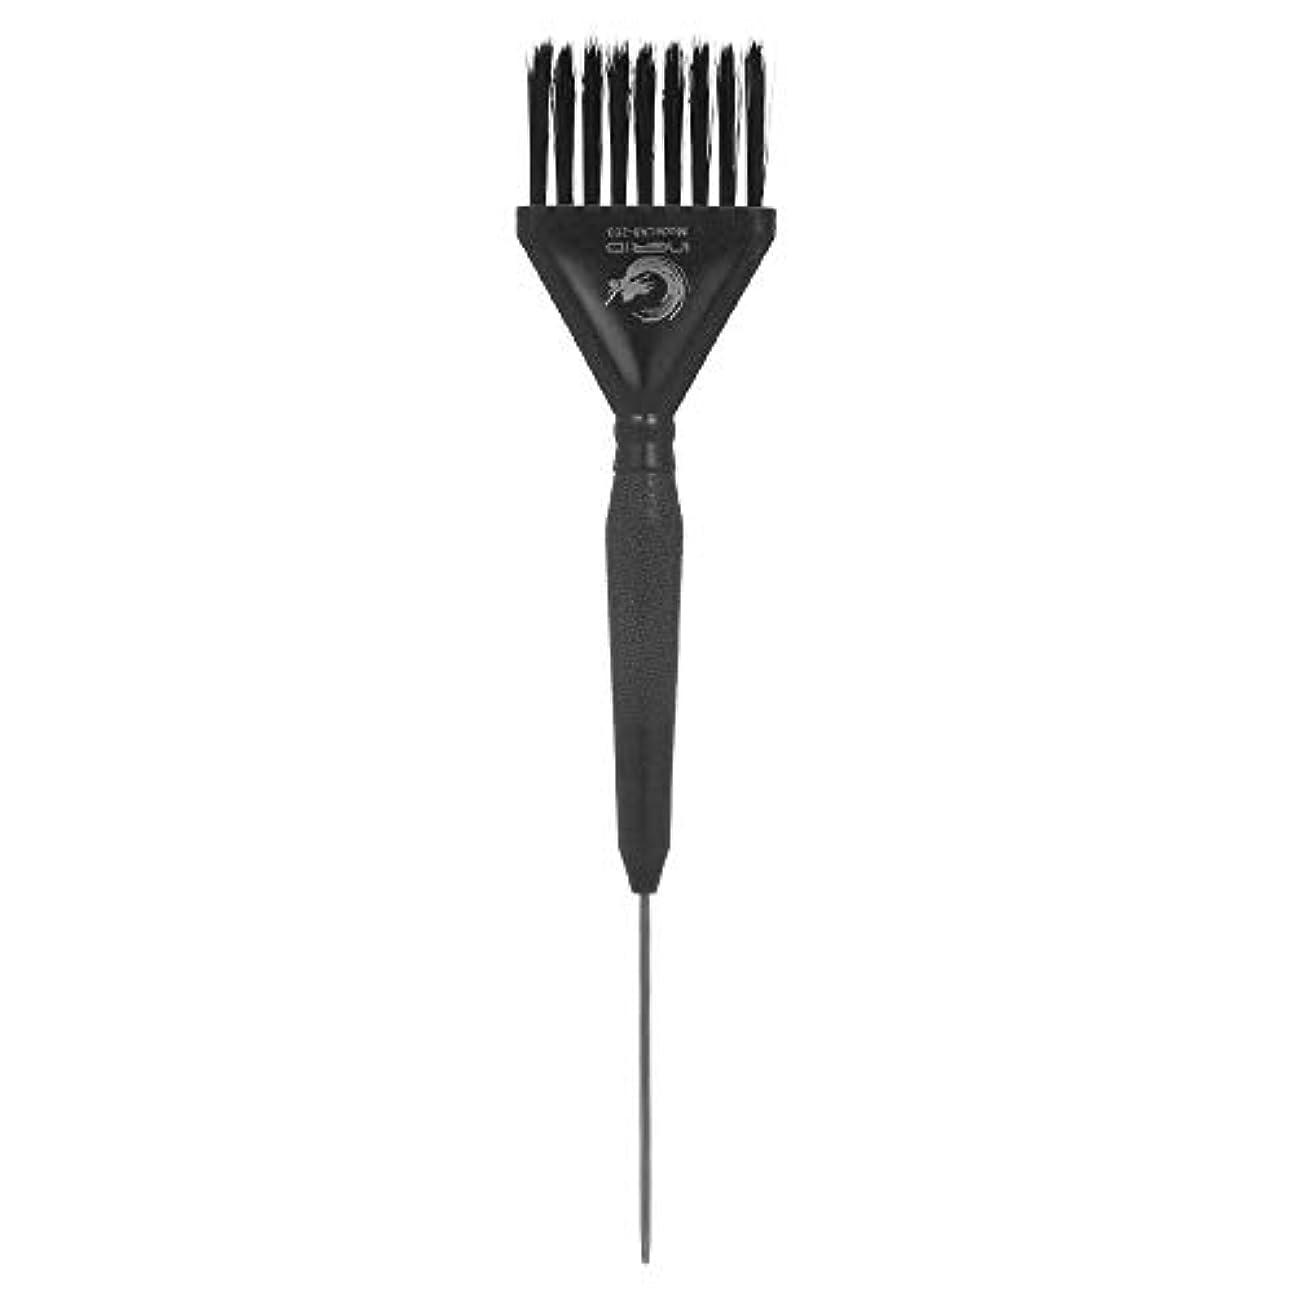 日帰り旅行に費やすハウジングDecdeal 染毛ブラシ ヘアダイブラシ プロ用 DIY 髪染め用 サロン 美髪師用 ヘアカラーの用具